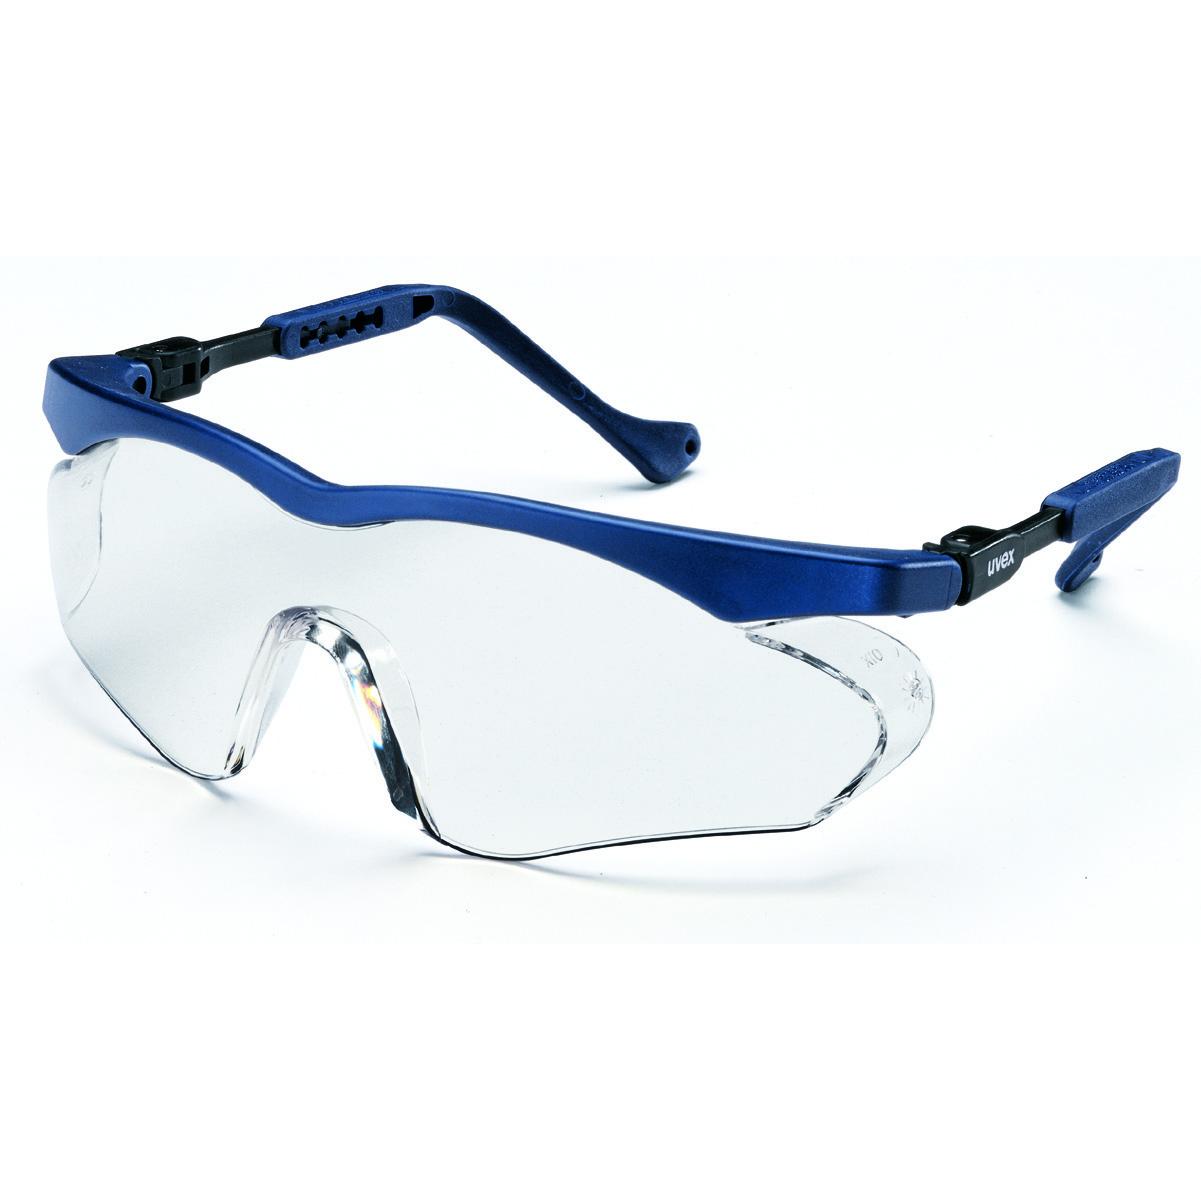 uvex 9197 - skyper sx2 / skybrite sx2 - Schutzbrille